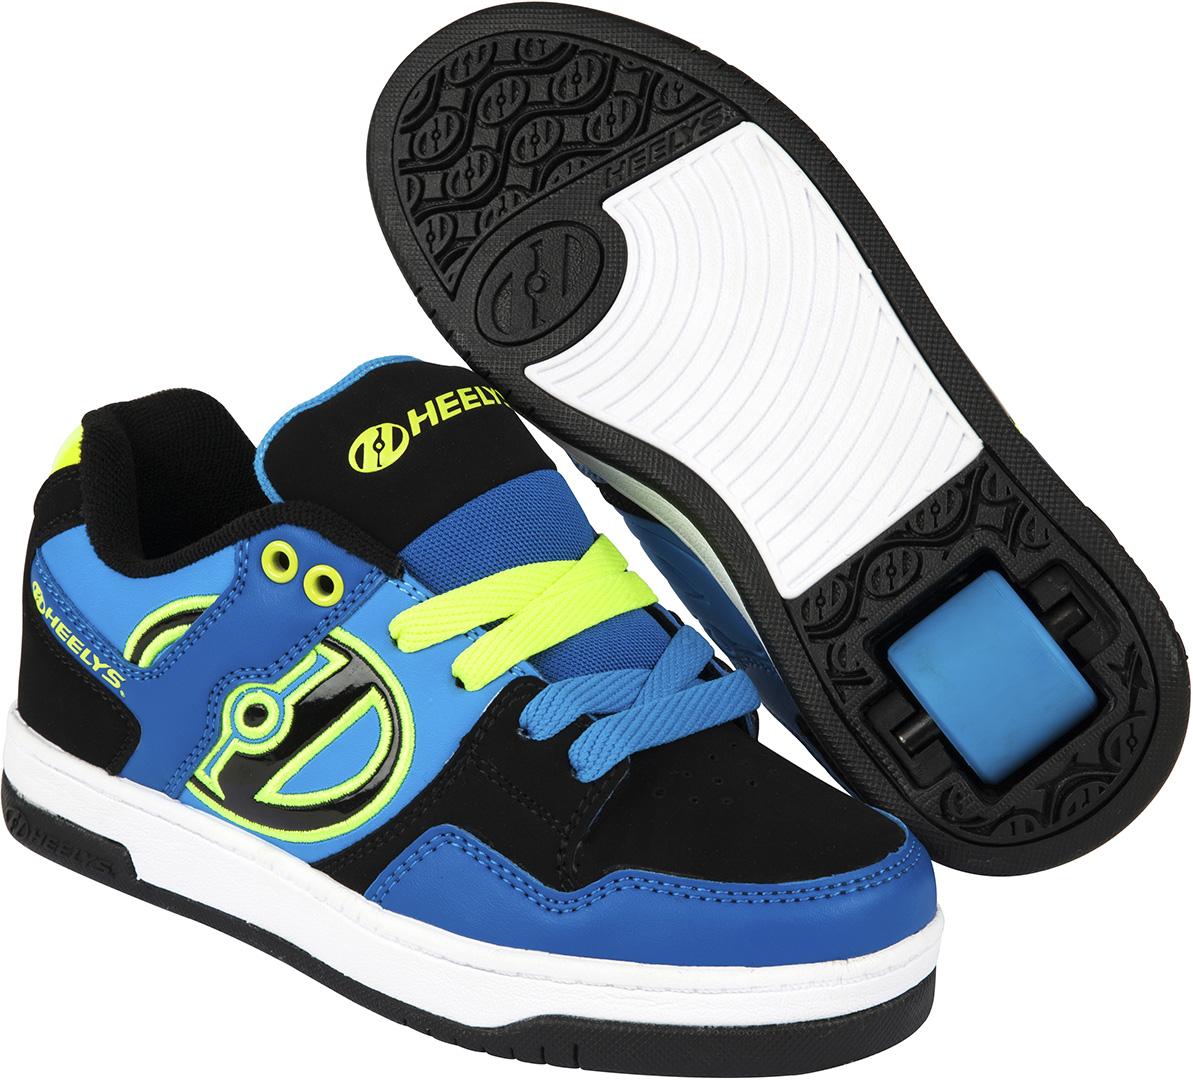 HEELYS Rollschuhe Schuhe mit Rollen LAUNCH Schuh black Schuhe mit Rollen